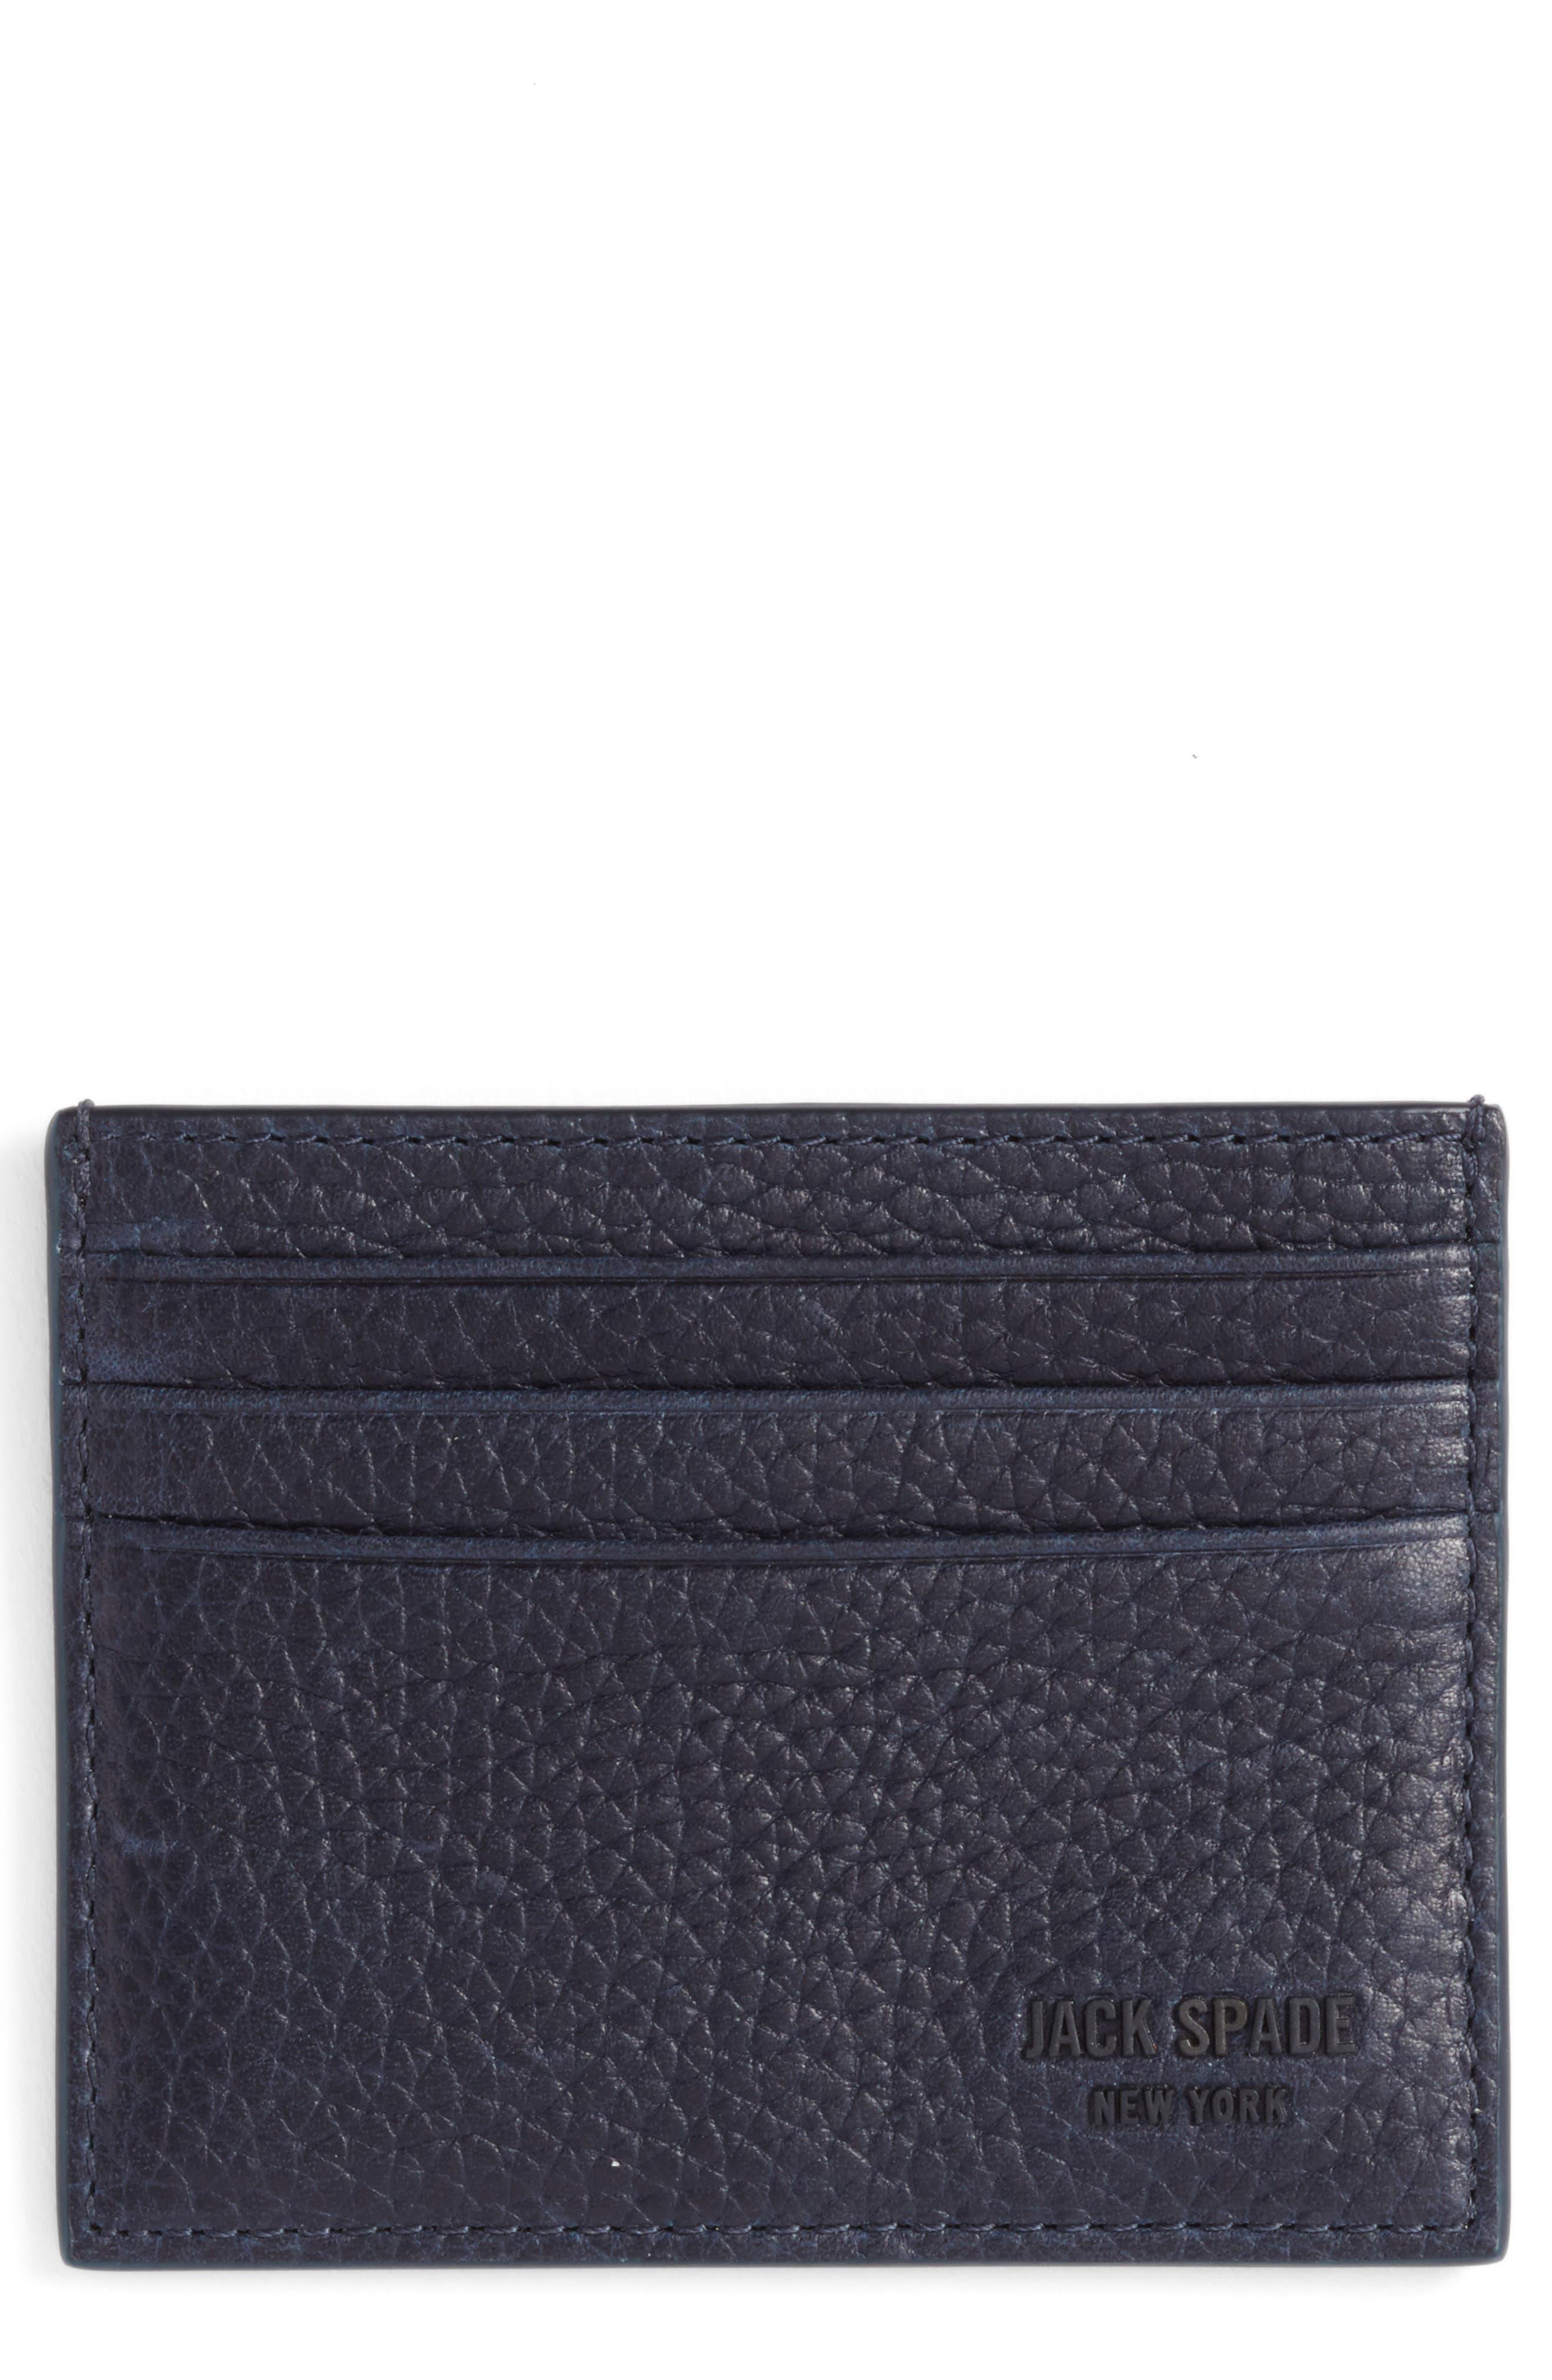 JACK SPADE Leather Card Case